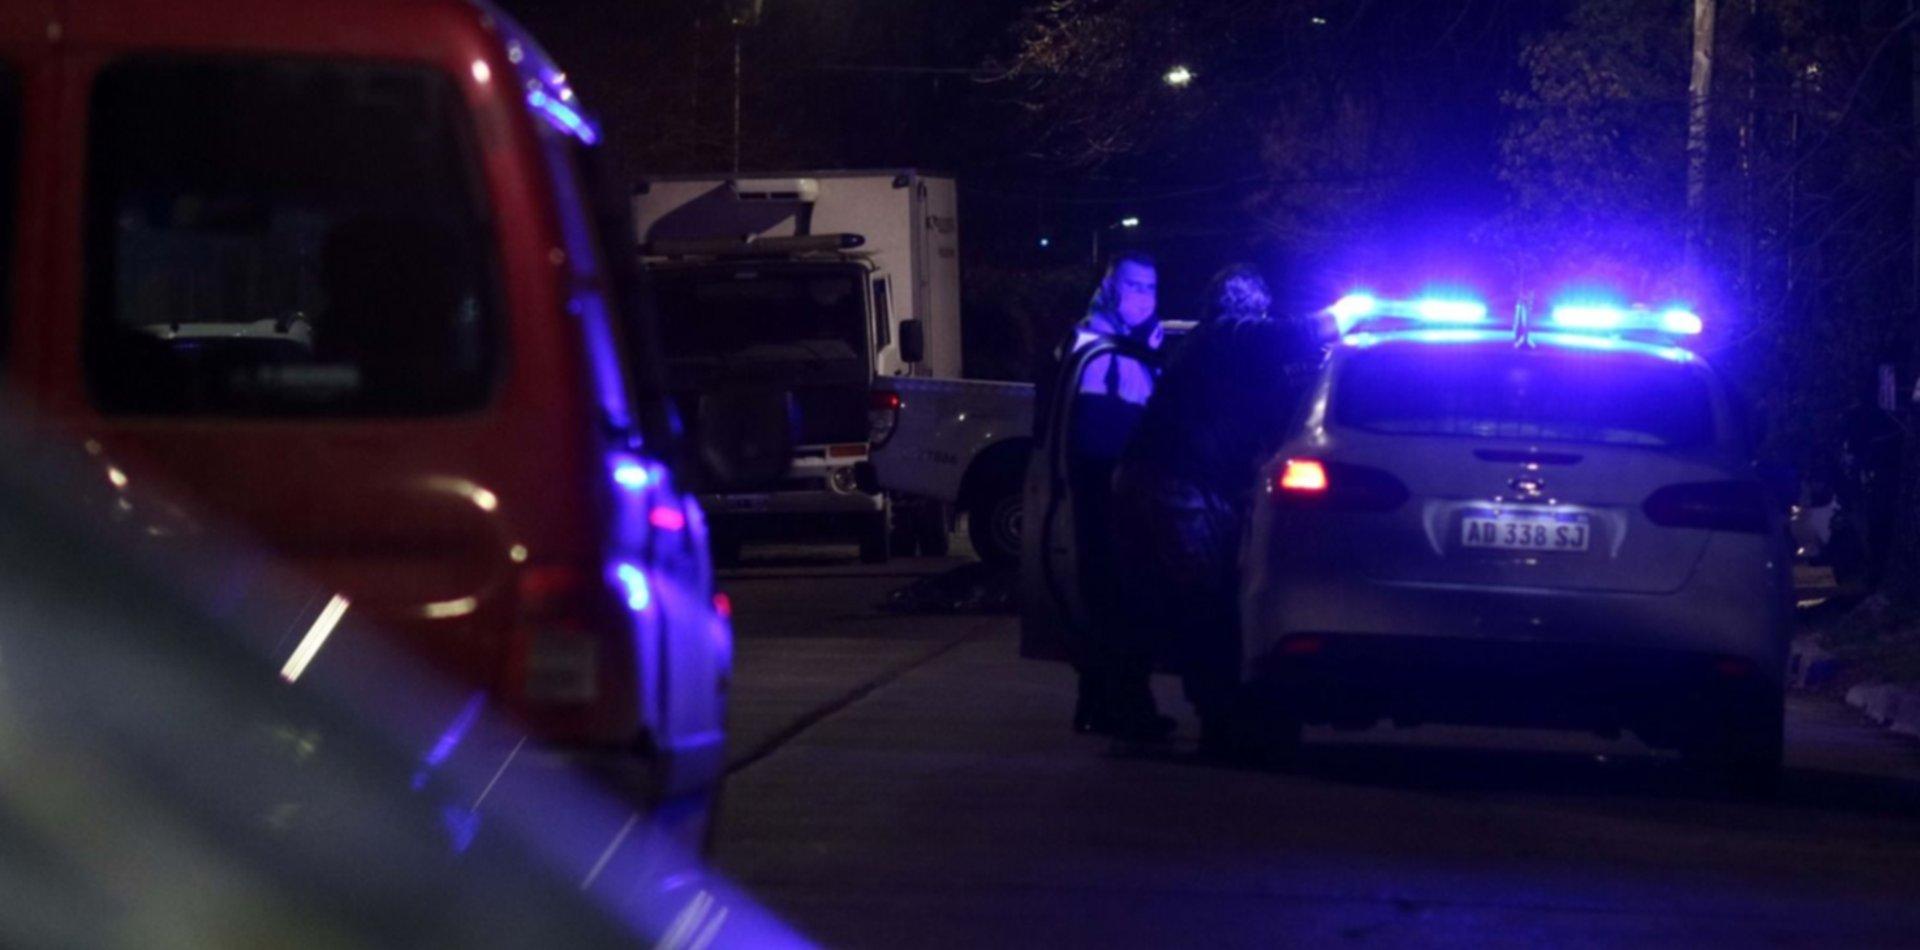 ¿Qué se sabe sobre el caso del ciclista que encontraron muerto en una calle de La Plata?